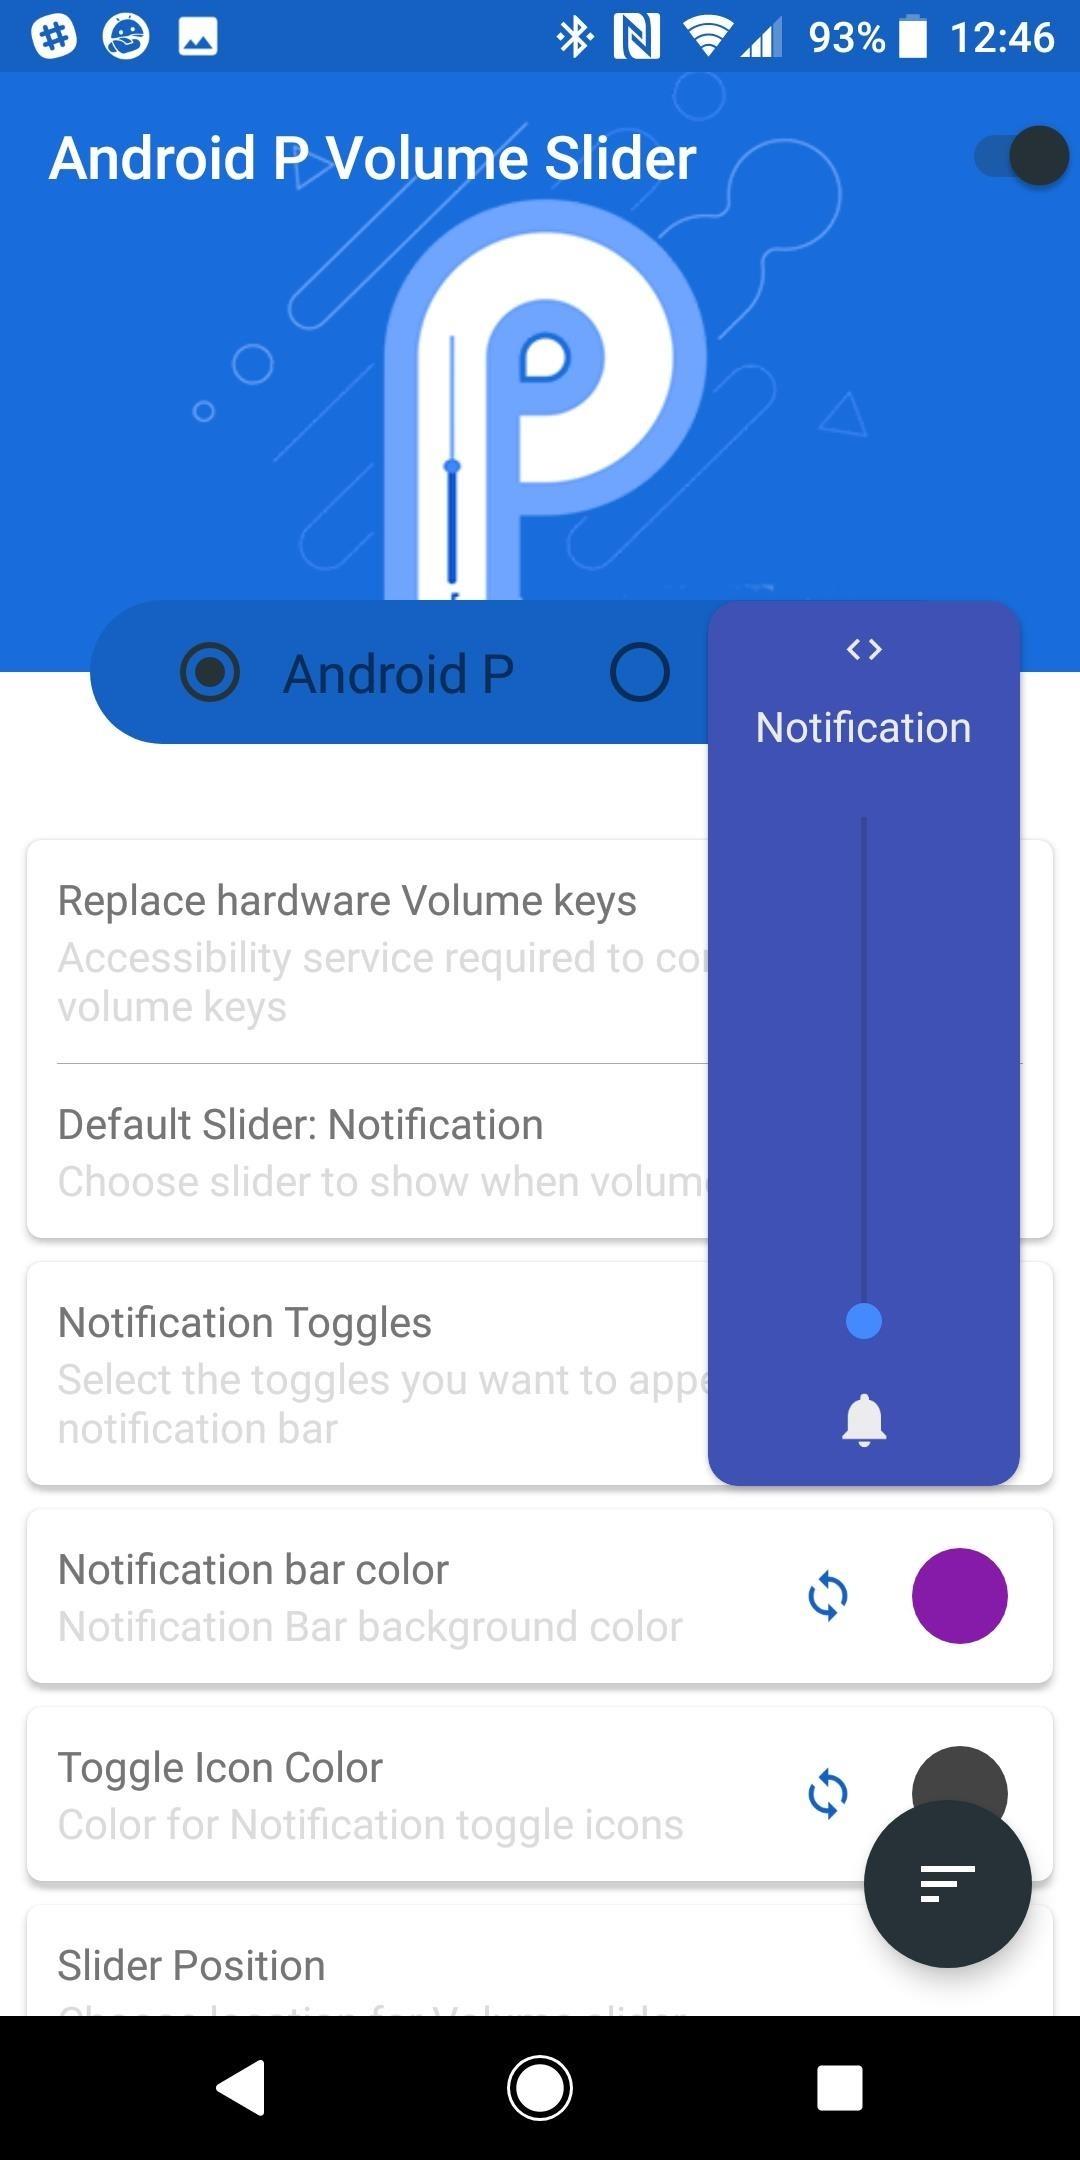 احصل على Android 9.0 Pie's Volume Slider على أي هاتف وتحكم بحجم صوت الوسائط افتراضيًا